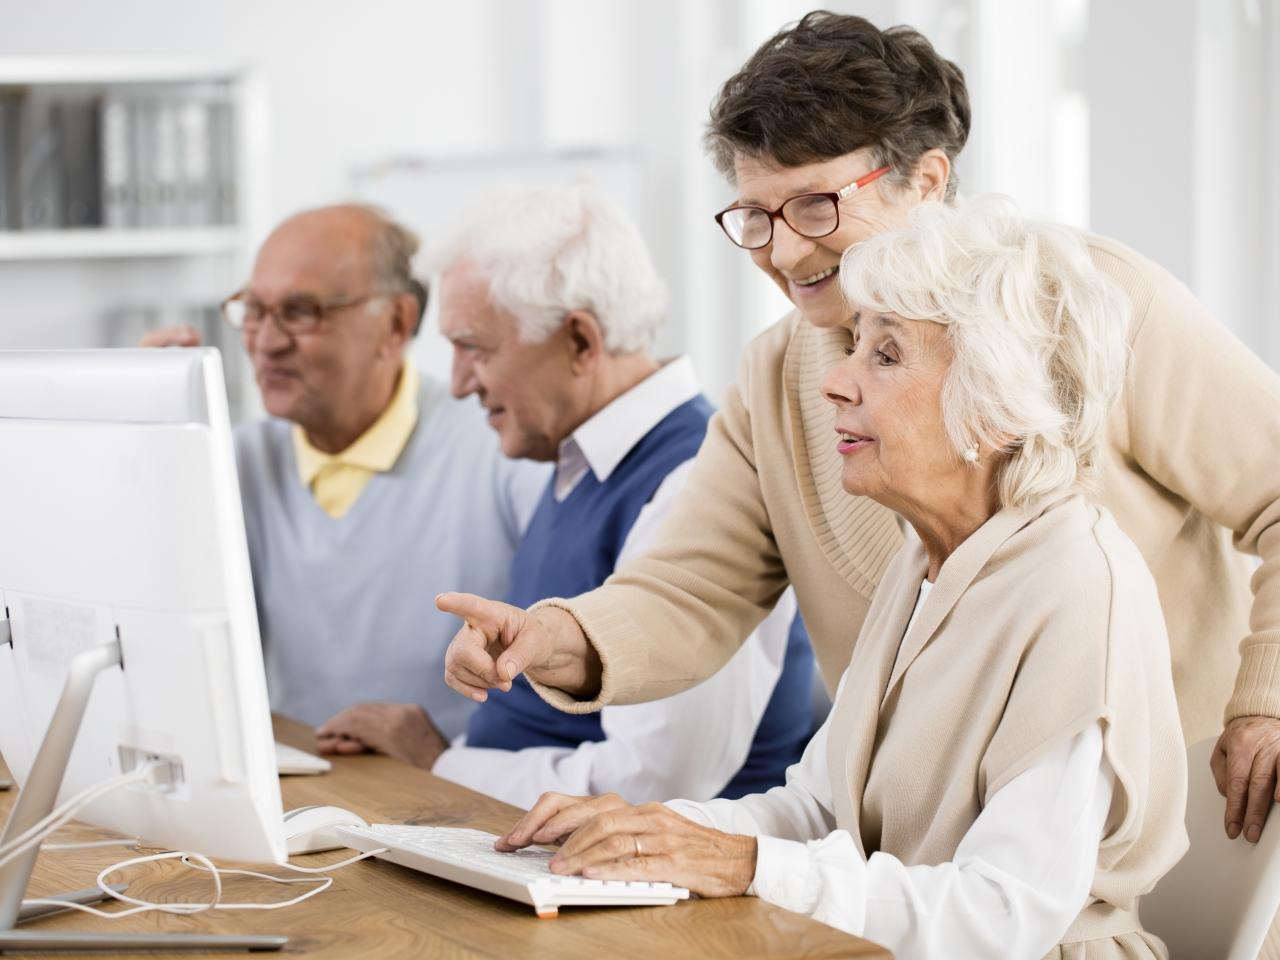 Eine Gruppe von älteren Menschen sitzt an Tischen mit PCs in einer Lernsituation.